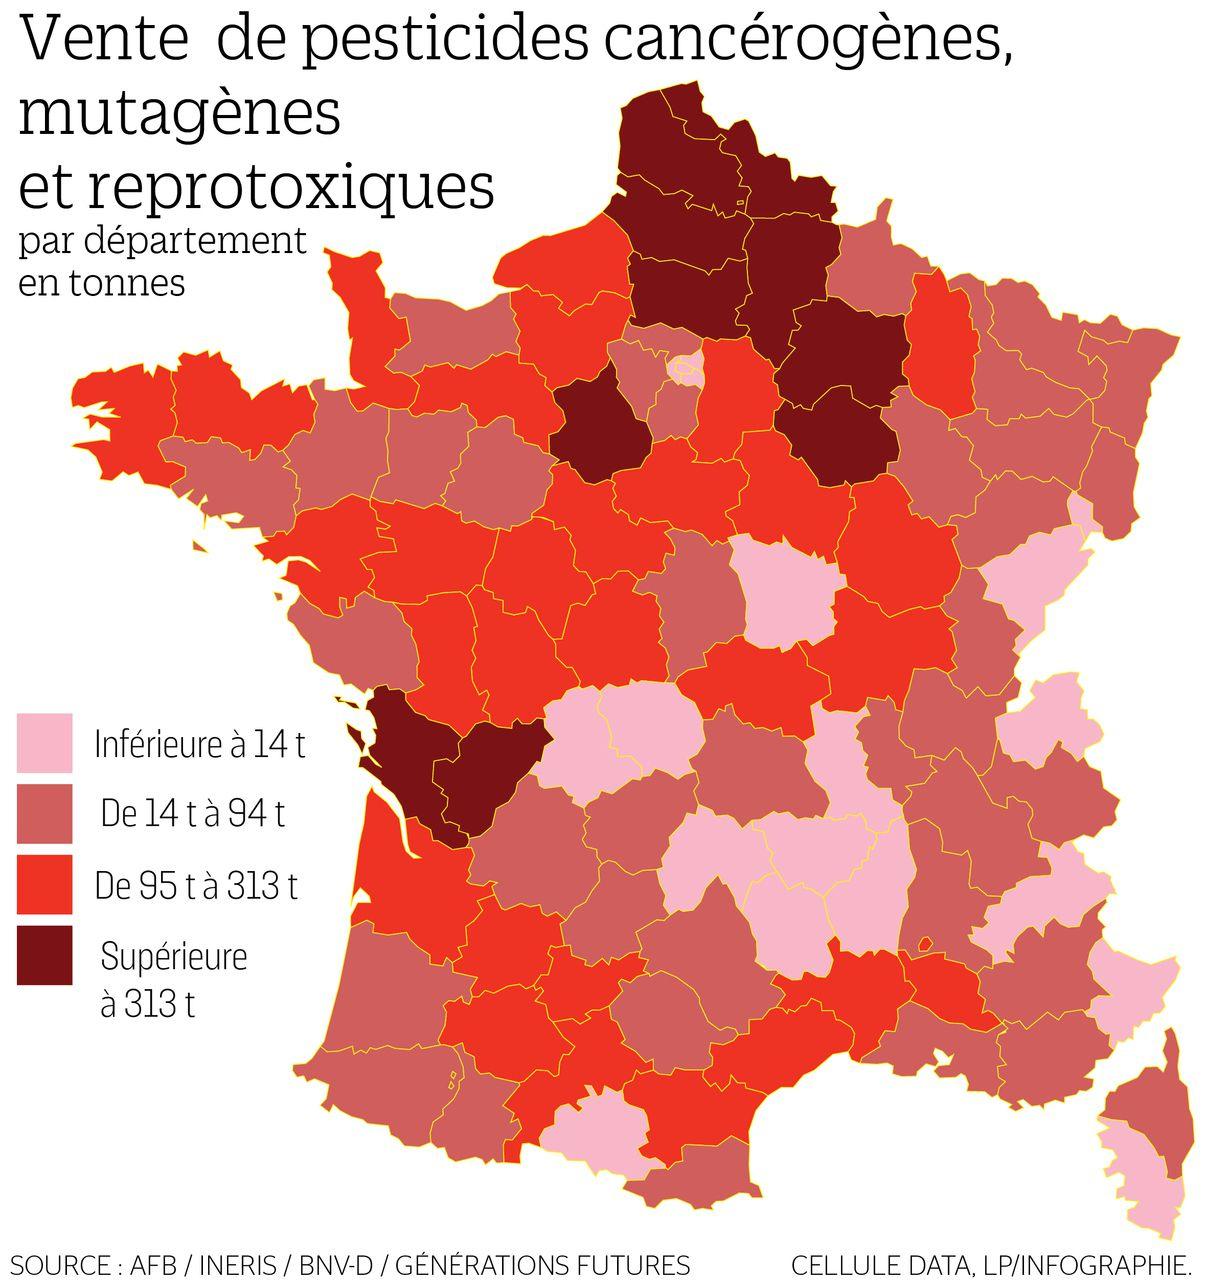 La Carte De France Des Départements Les Plus Consommateurs destiné Carte Des Départements D Ile De France